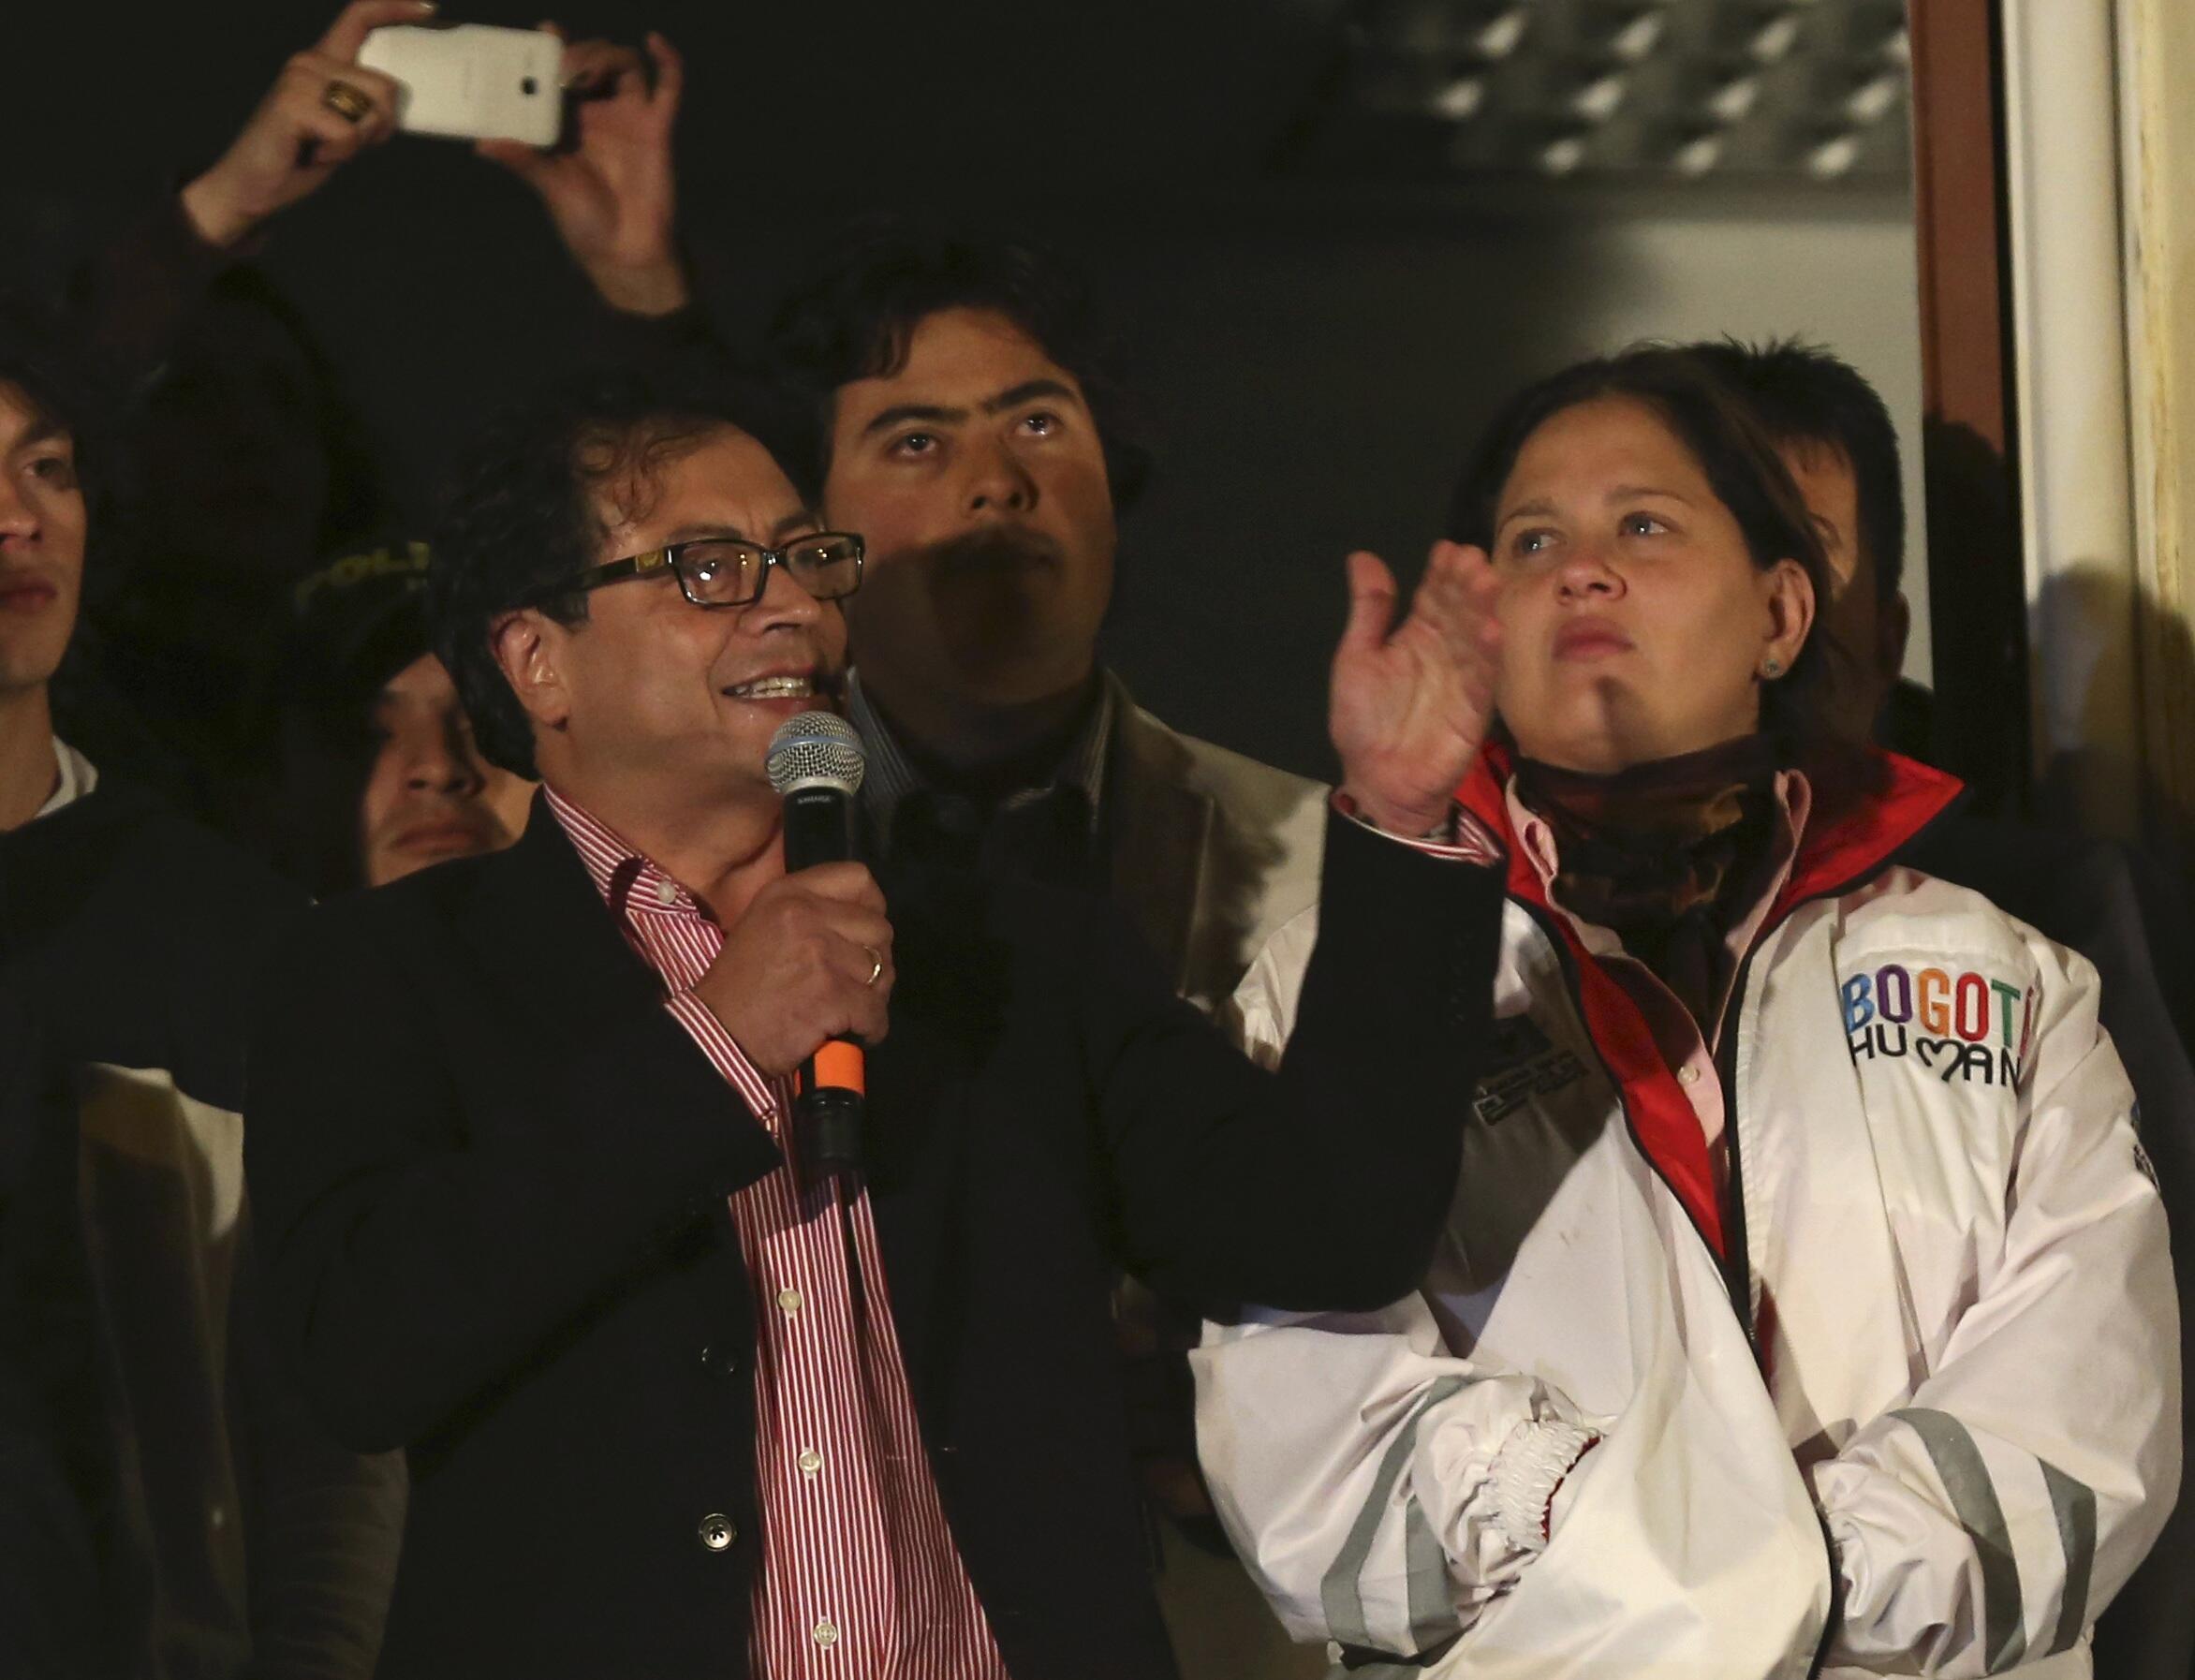 Le maire destitué de Bogota, Gustavo Petro a pris la parole lundi soir, 13 janvier, lors d'une manifestation de soutien.